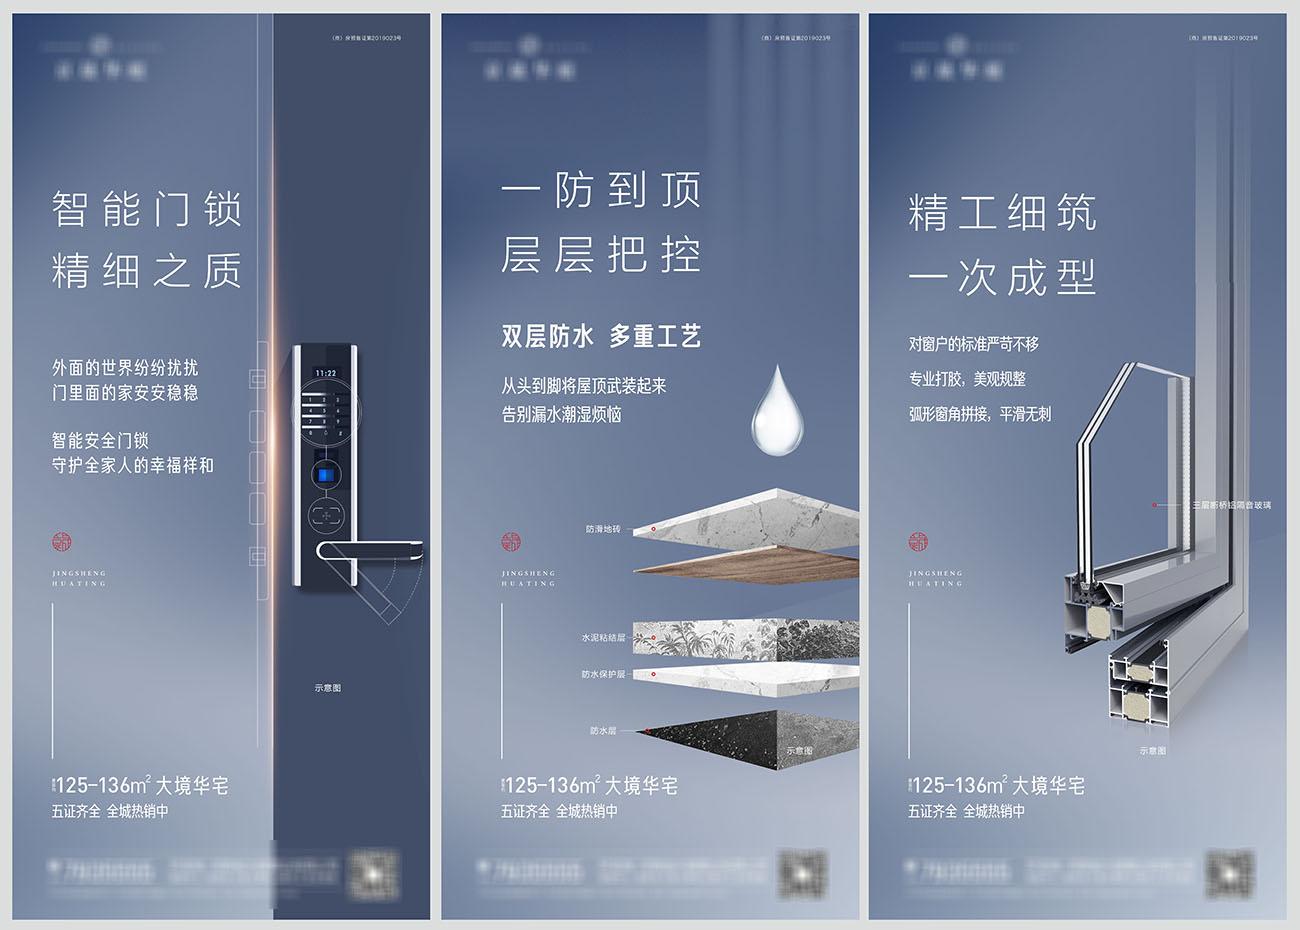 地产品质精工价值点系列海报CDR+PSD源文件插图